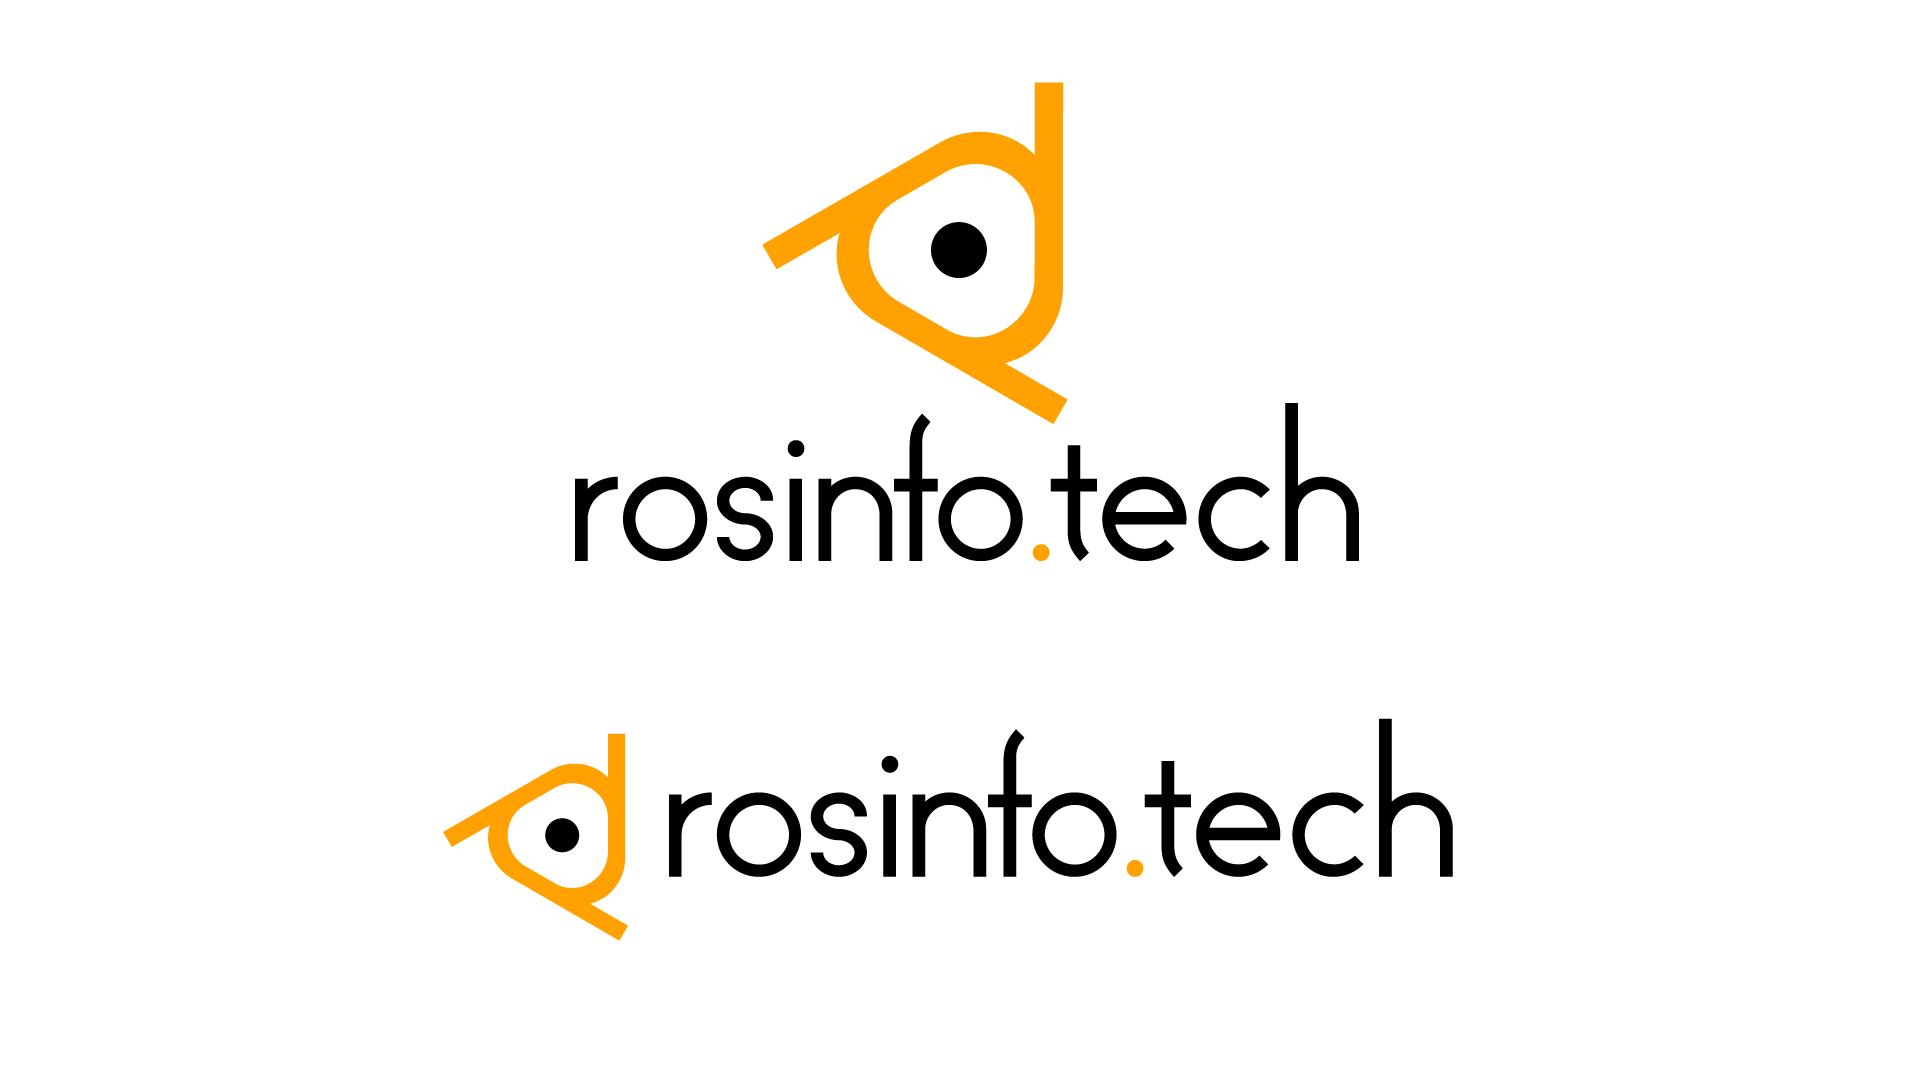 Разработка пакета айдентики rosinfo.tech фото f_4705e1e1ce55d9e6.jpg